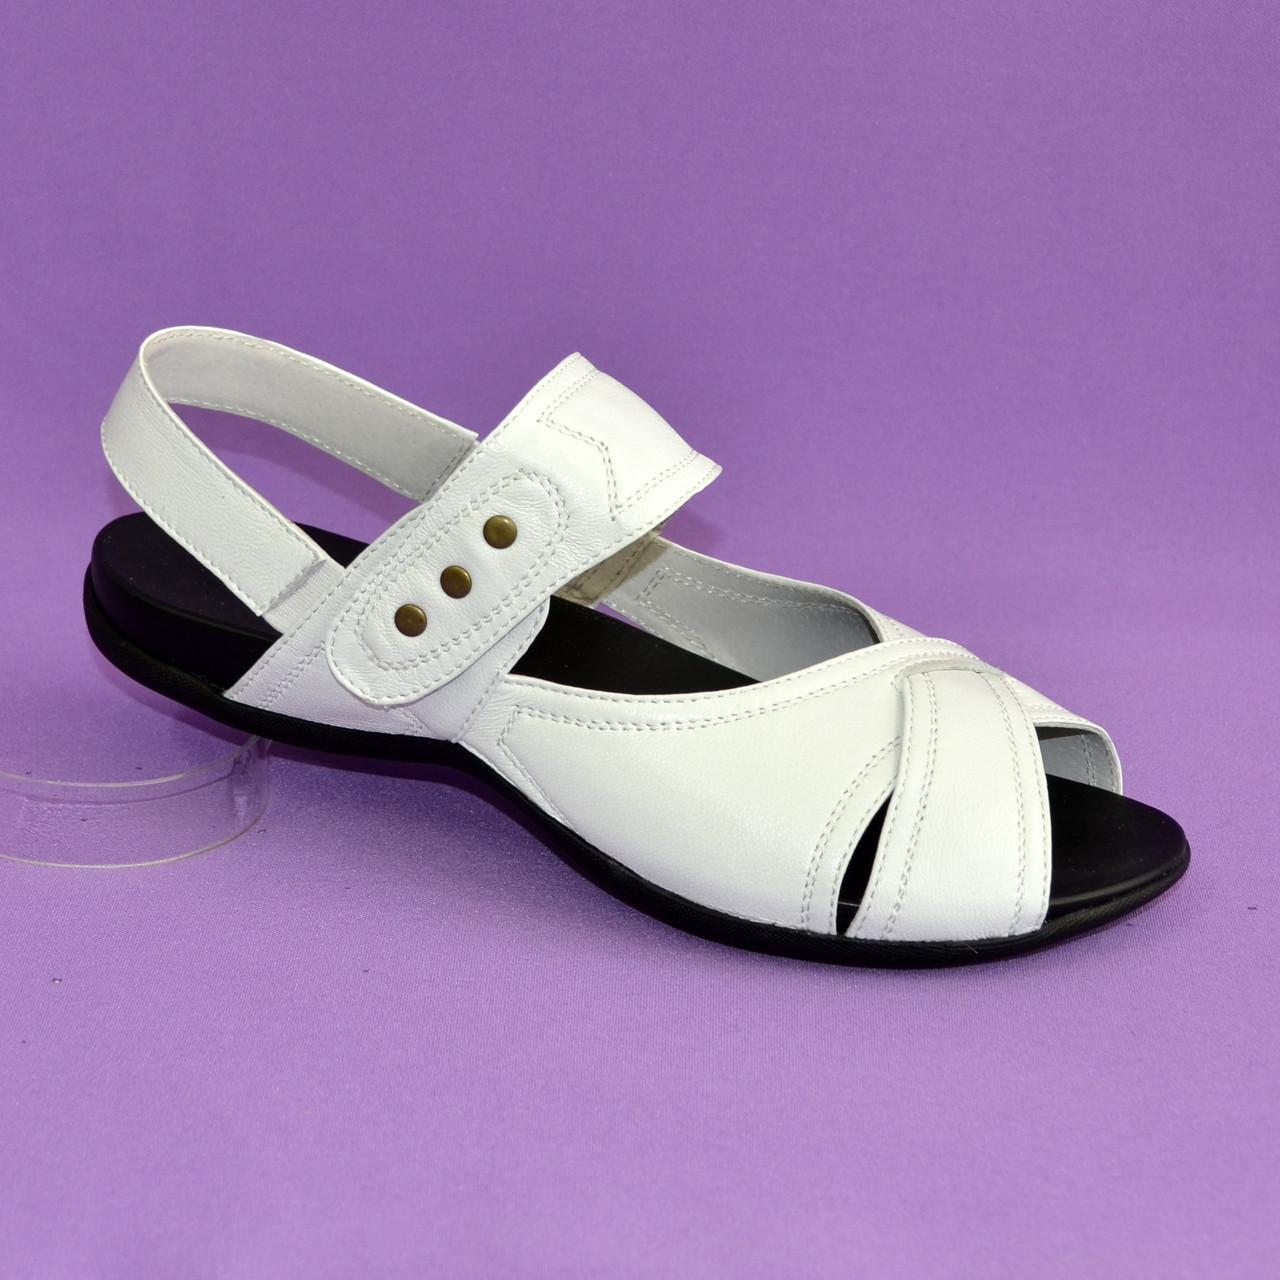 094cc799f329 Купить Женские босоножки, из натуральной кожи белого цвета, на плоской  подошве в ...